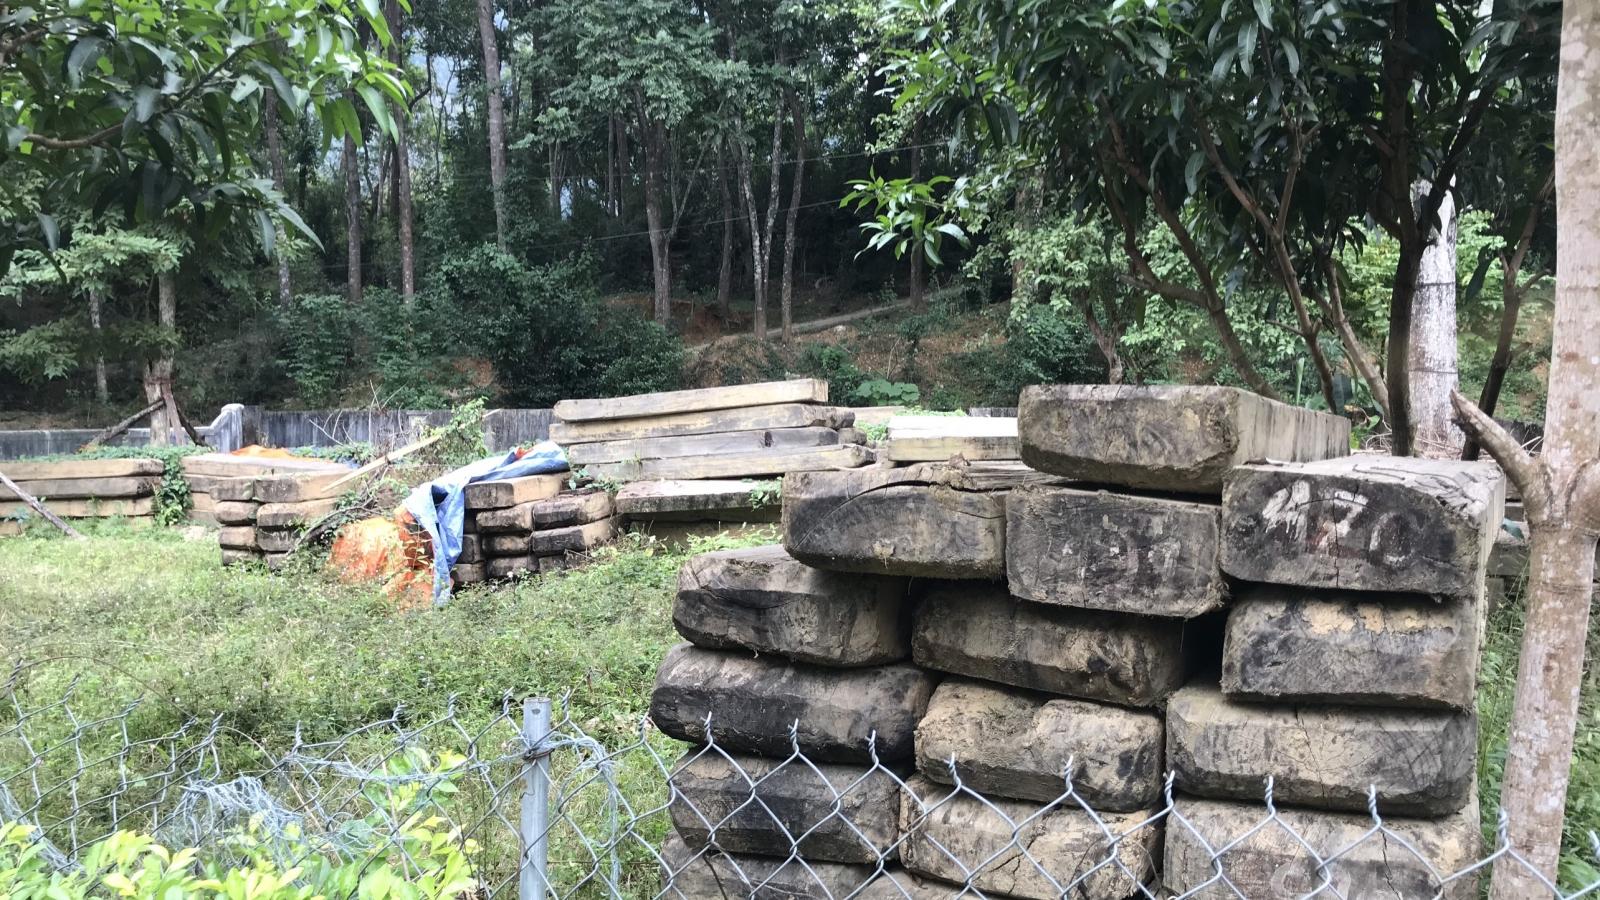 Xót xa nhìn cả trăm m3 gỗ quý dần hư hỏng ngay tại Ban quản lý rừng